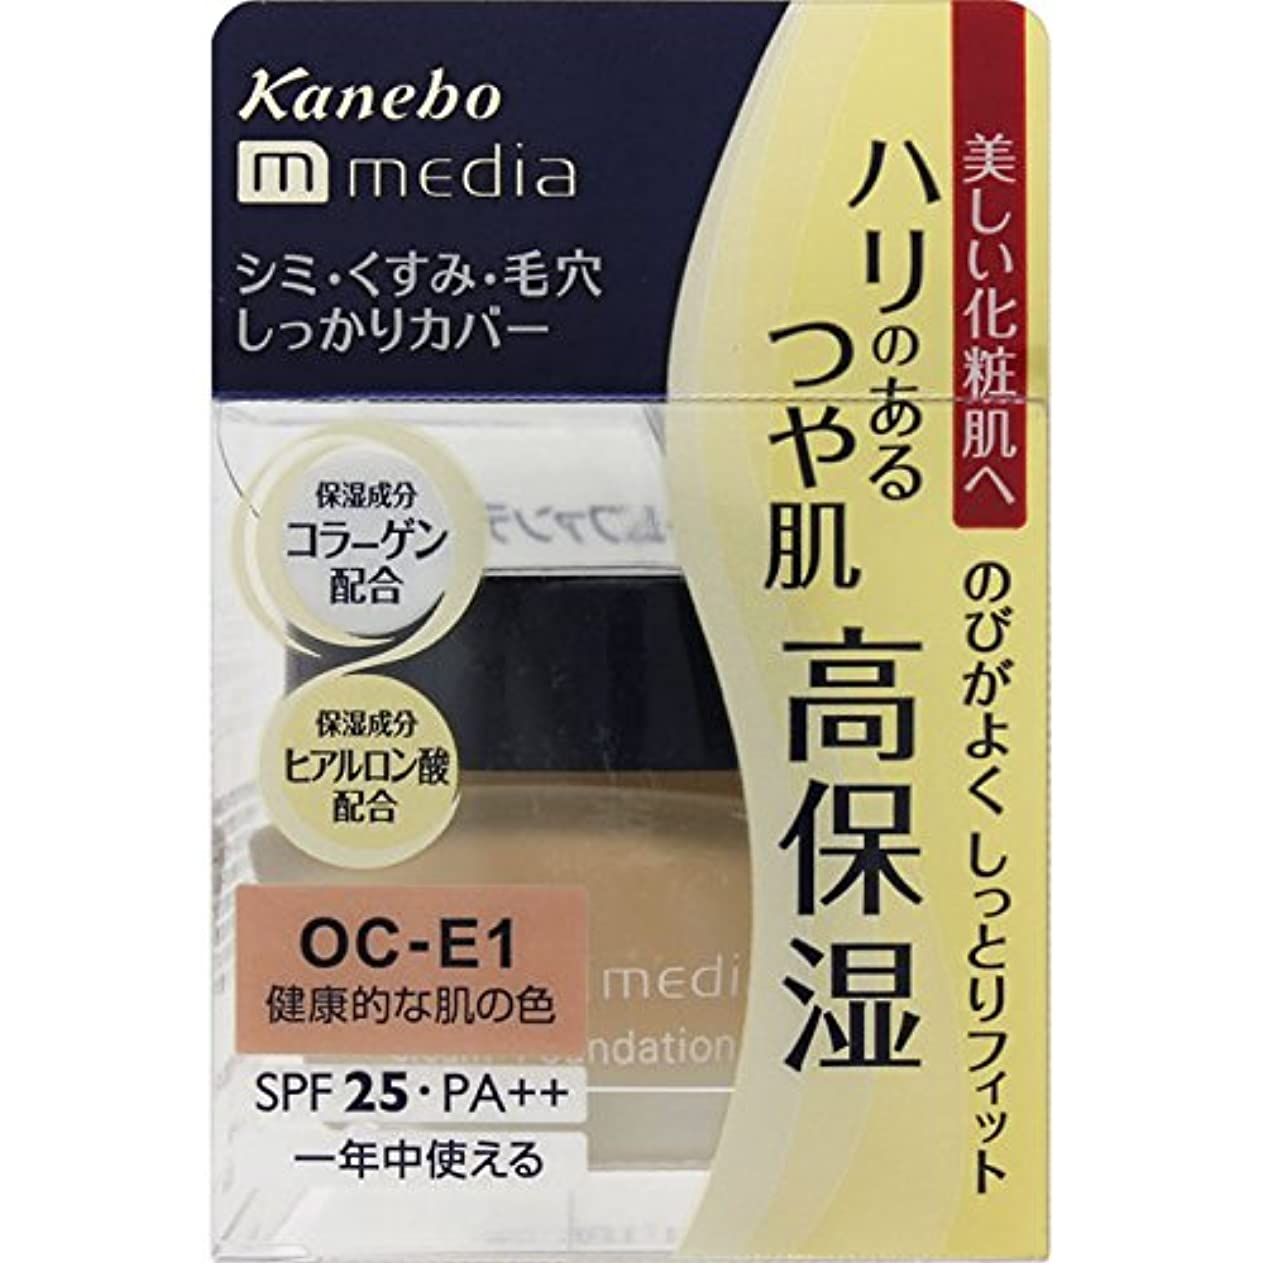 強大な手錠憤るカネボウ media(メディア) クリームファンデーション OC-E1(健康的な肌の色)